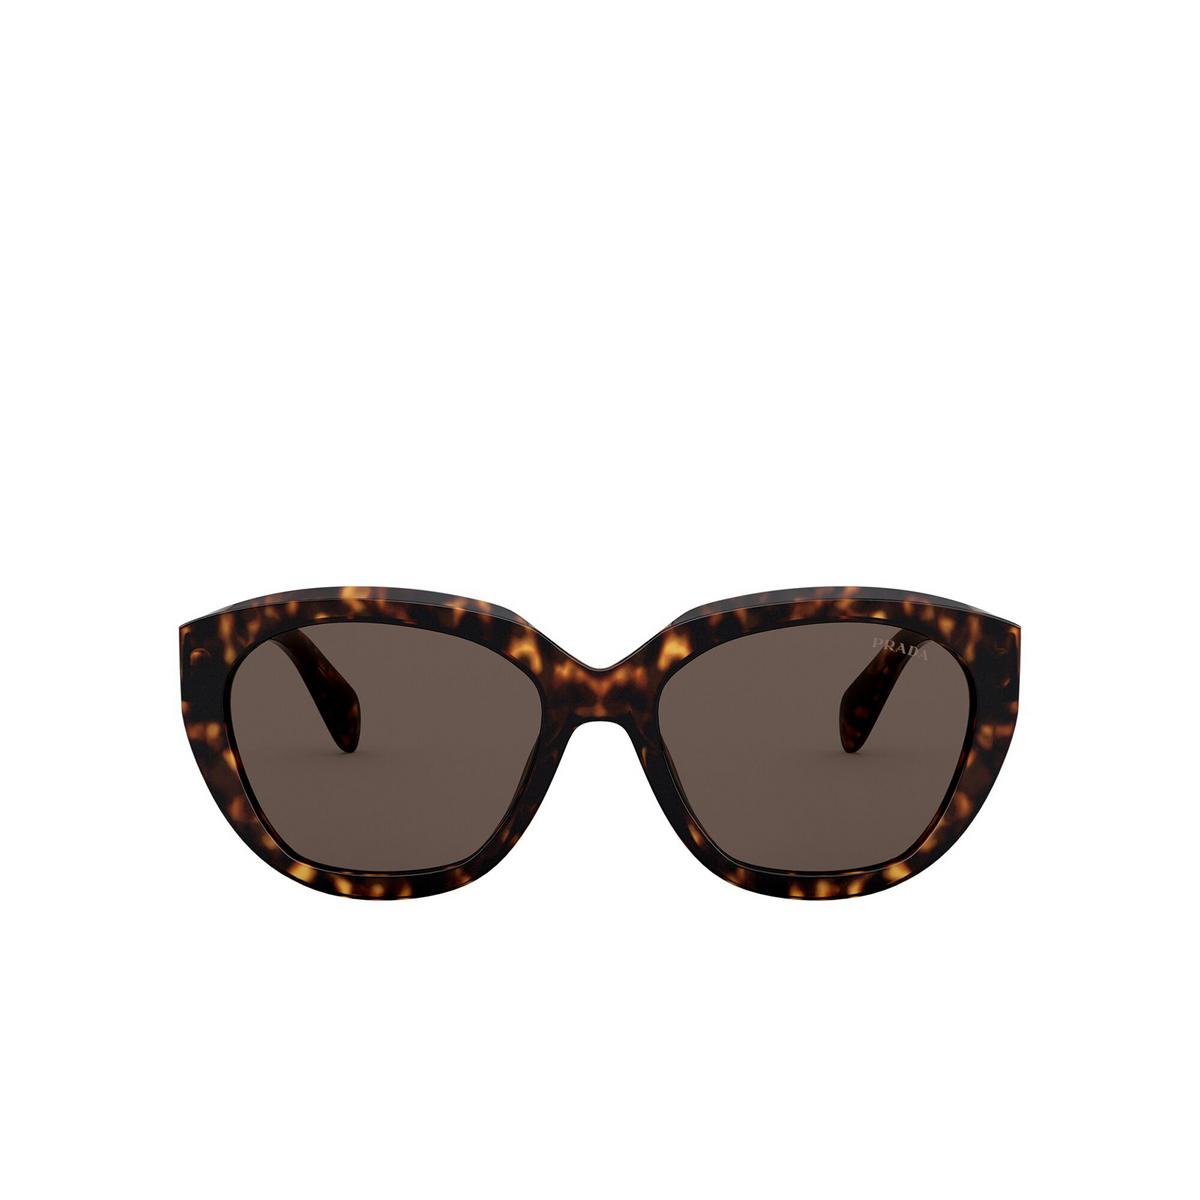 Prada® Butterfly Sunglasses: PR 16XS color Havana 2AU8C1 - front view.